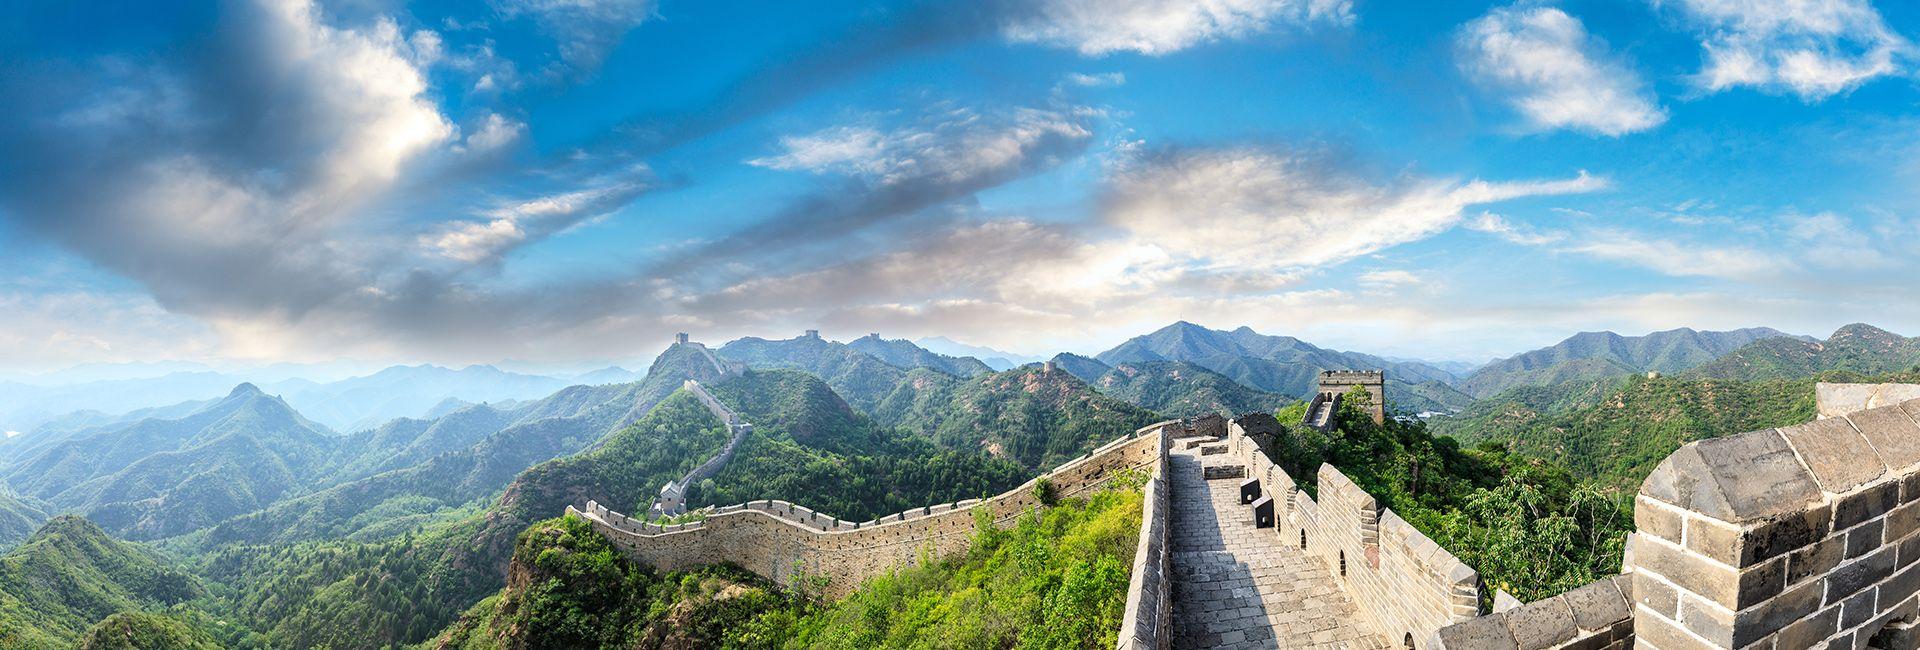 Top 6 địa điểm du lịch nổi tiếng nhất Trung Quốc